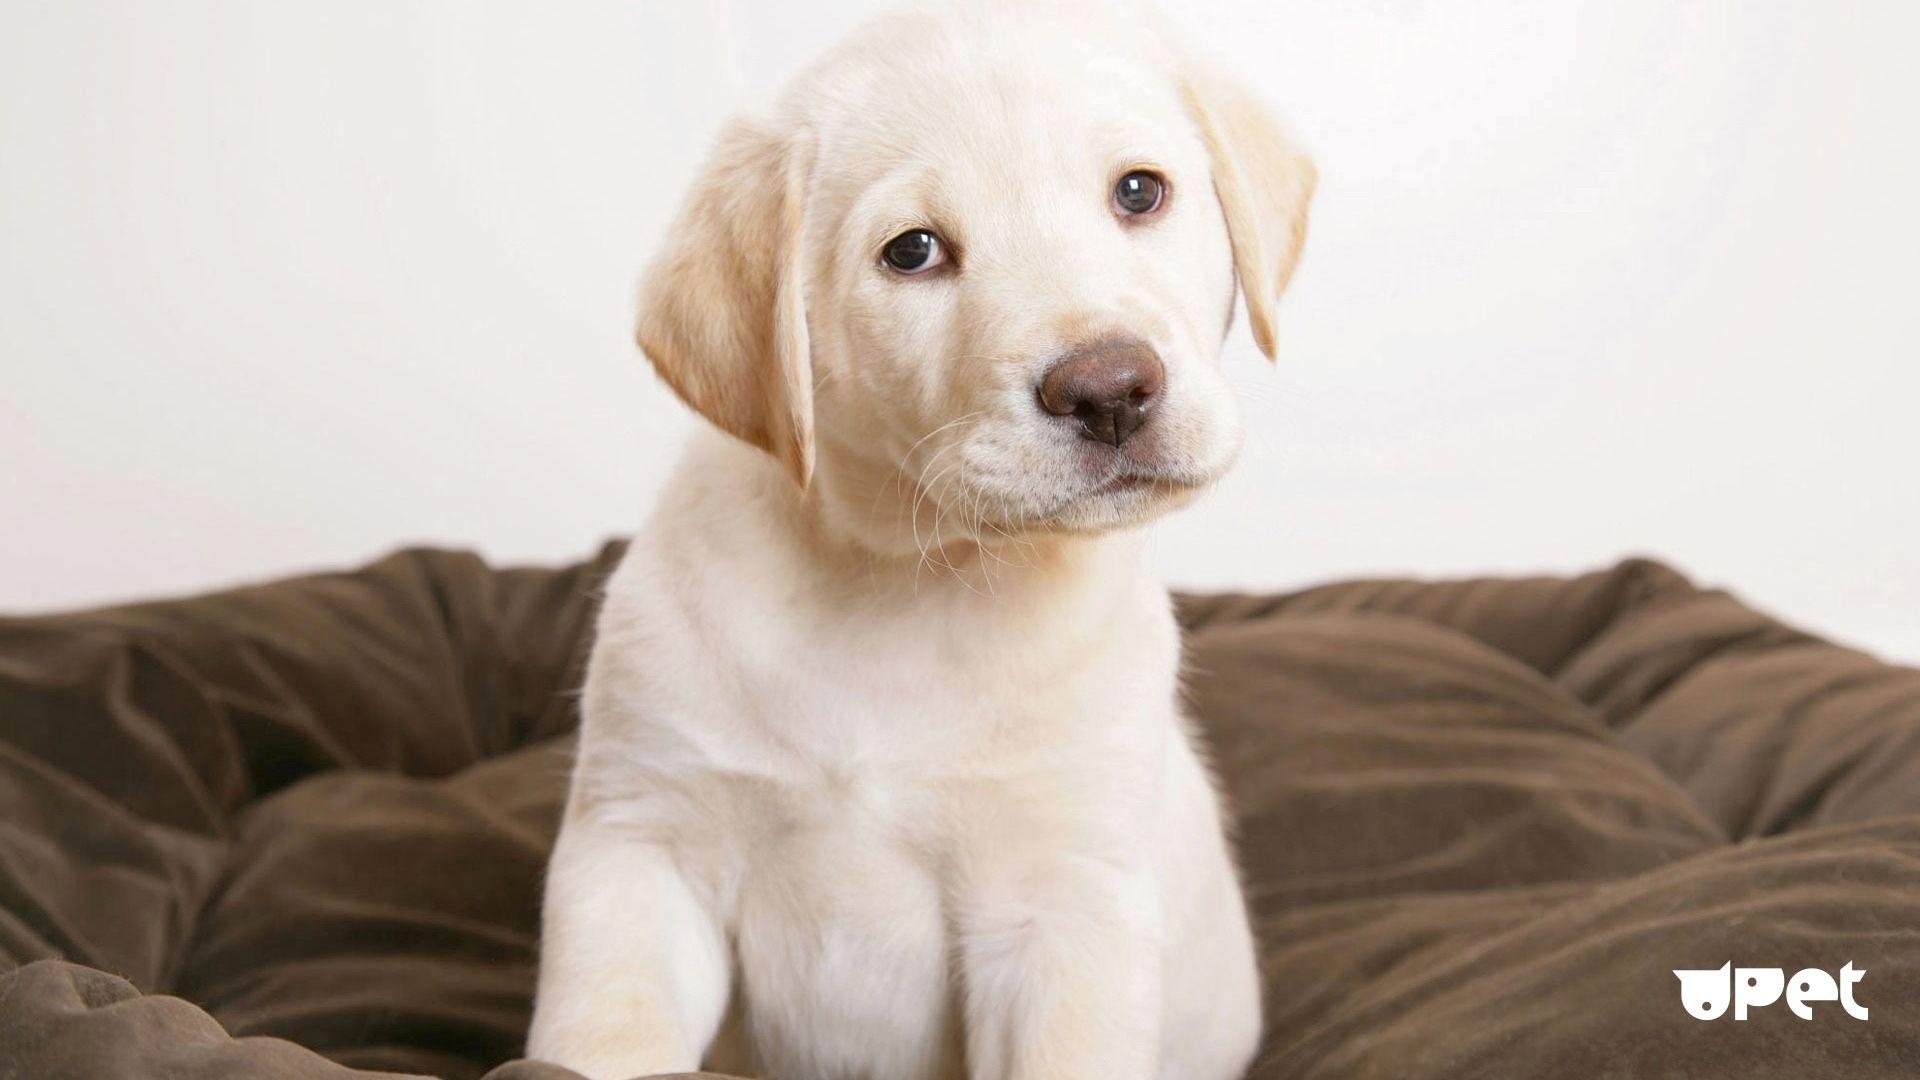 Wallpaper Labrador Puppies